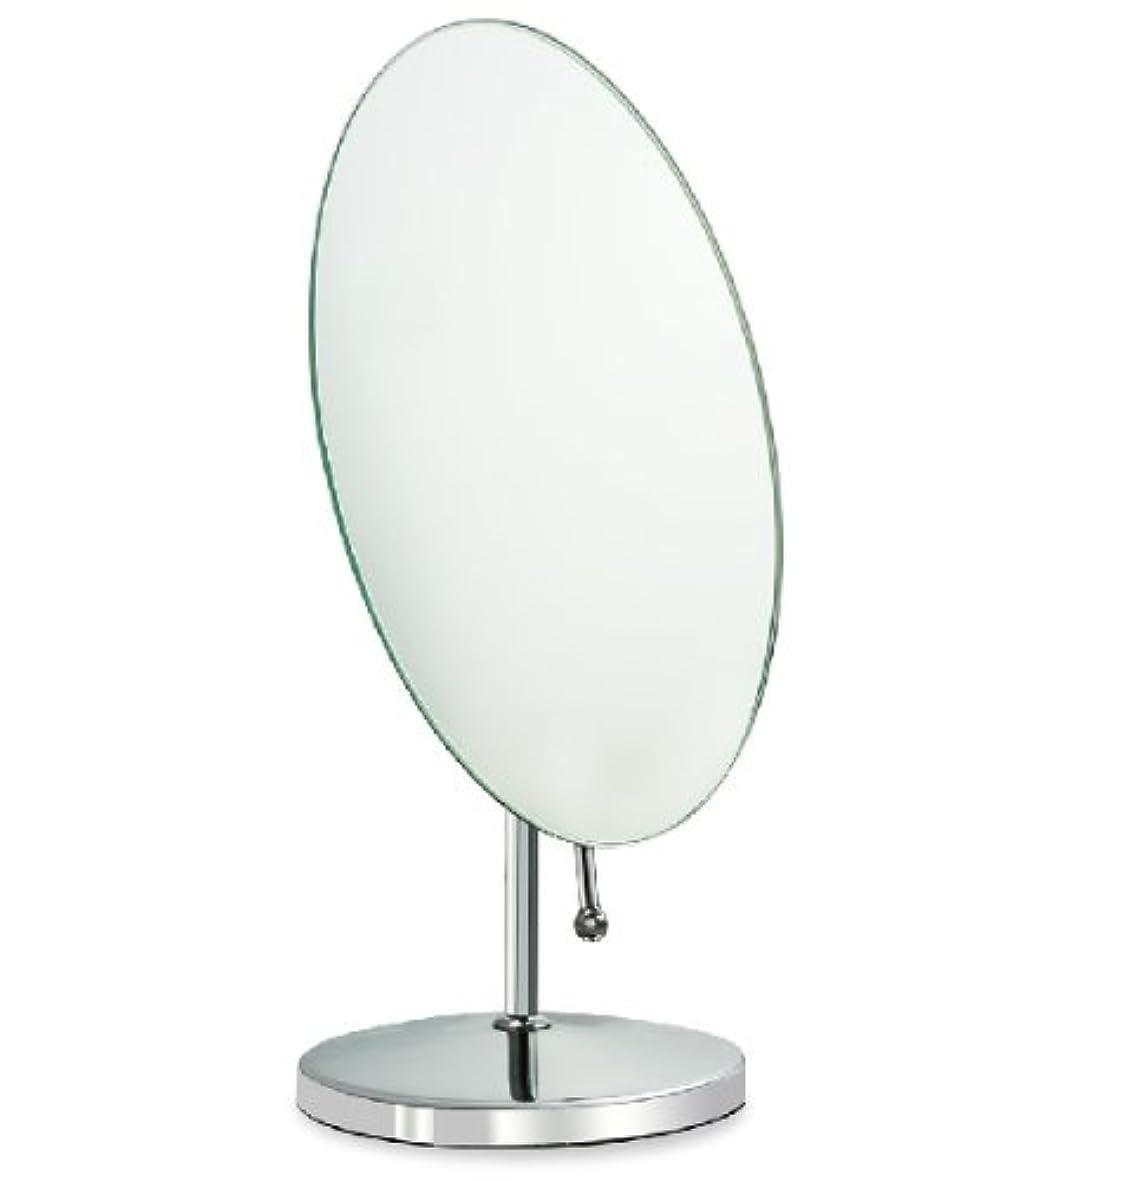 ステージオプショナル水差し鏡 卓上鏡 化粧鏡 スタンドミラー 全方向可動式 取っ手付き鏡 大きめな楕円形